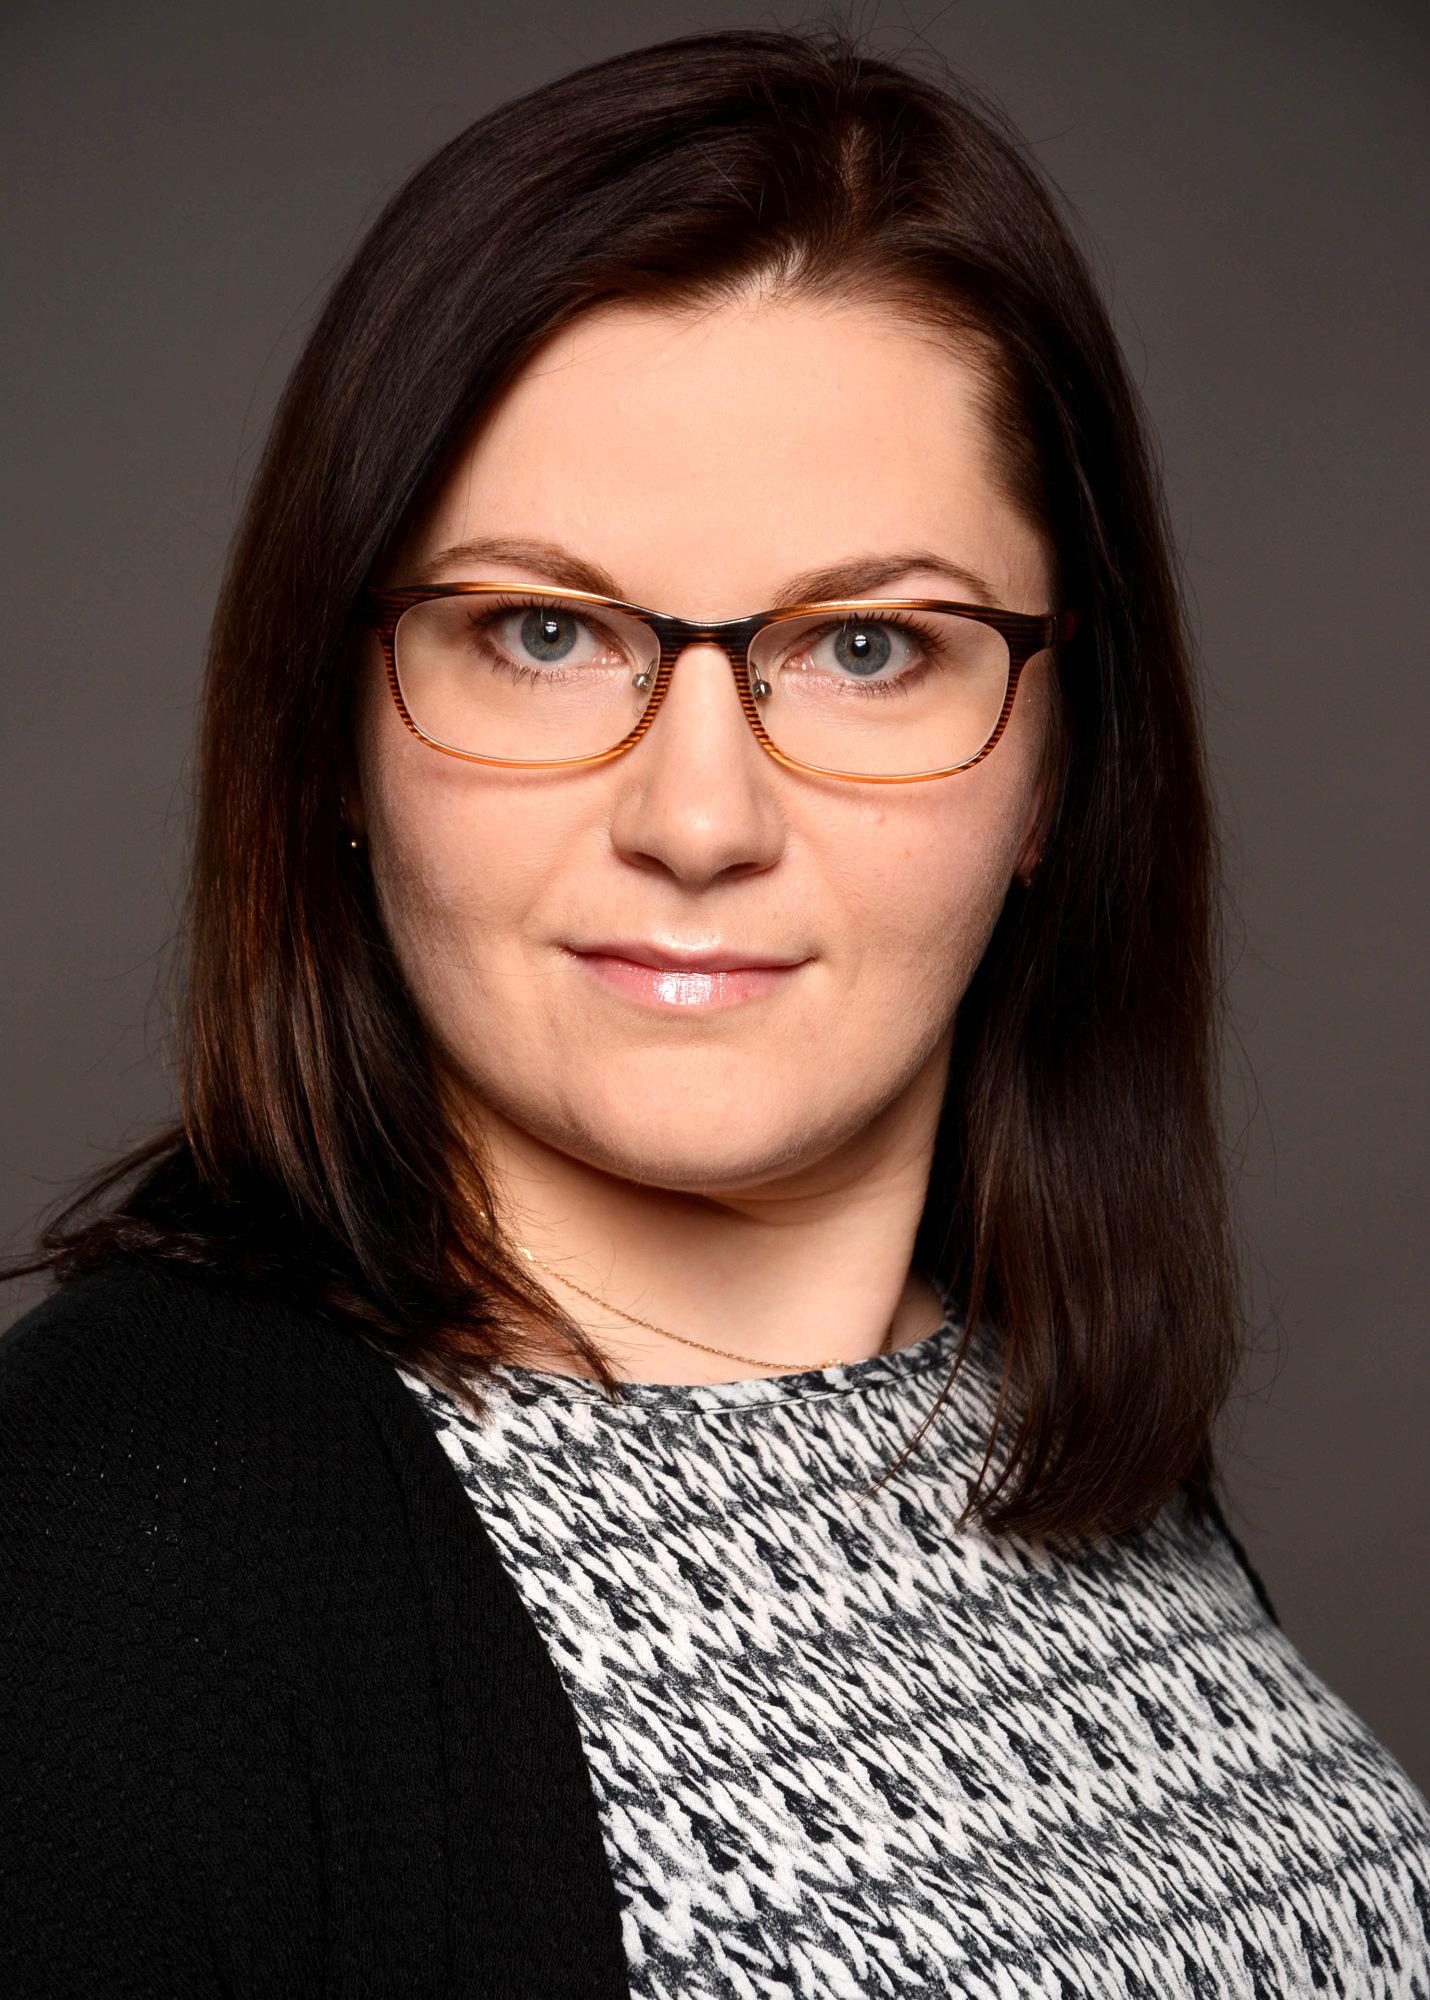 Emilia Kaflowska